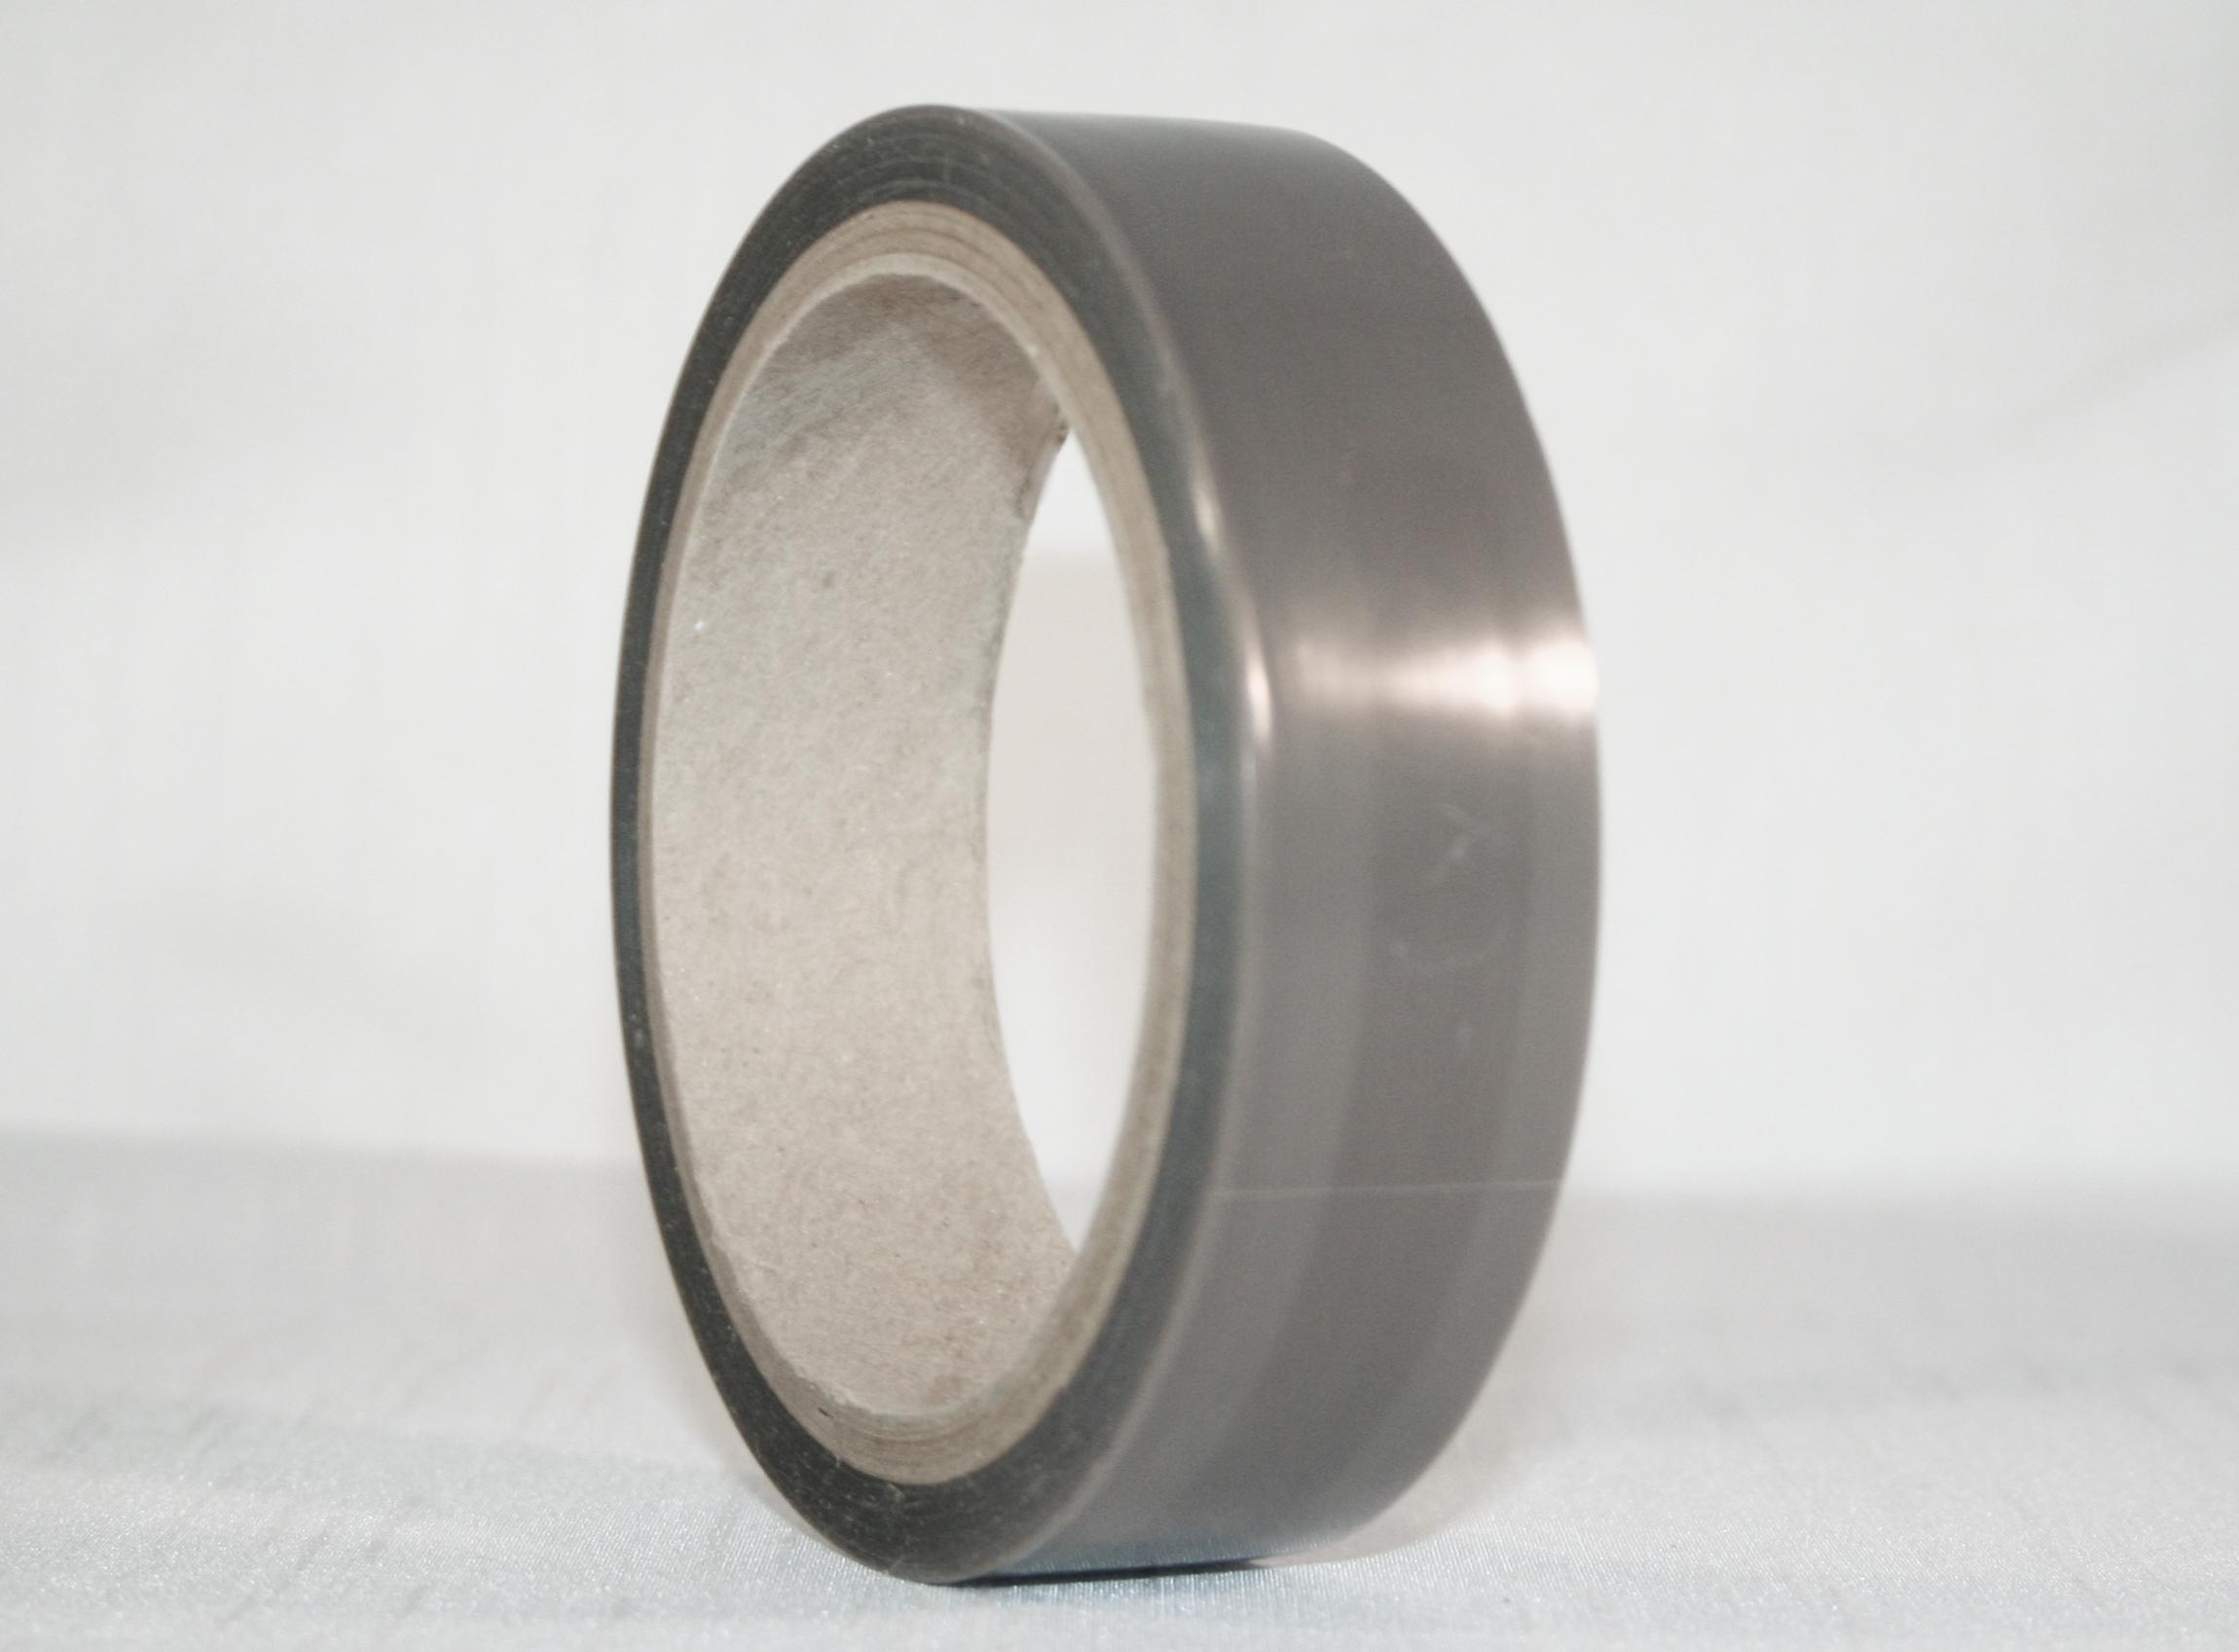 #11502 Maxi Silicone PTFE  Tape